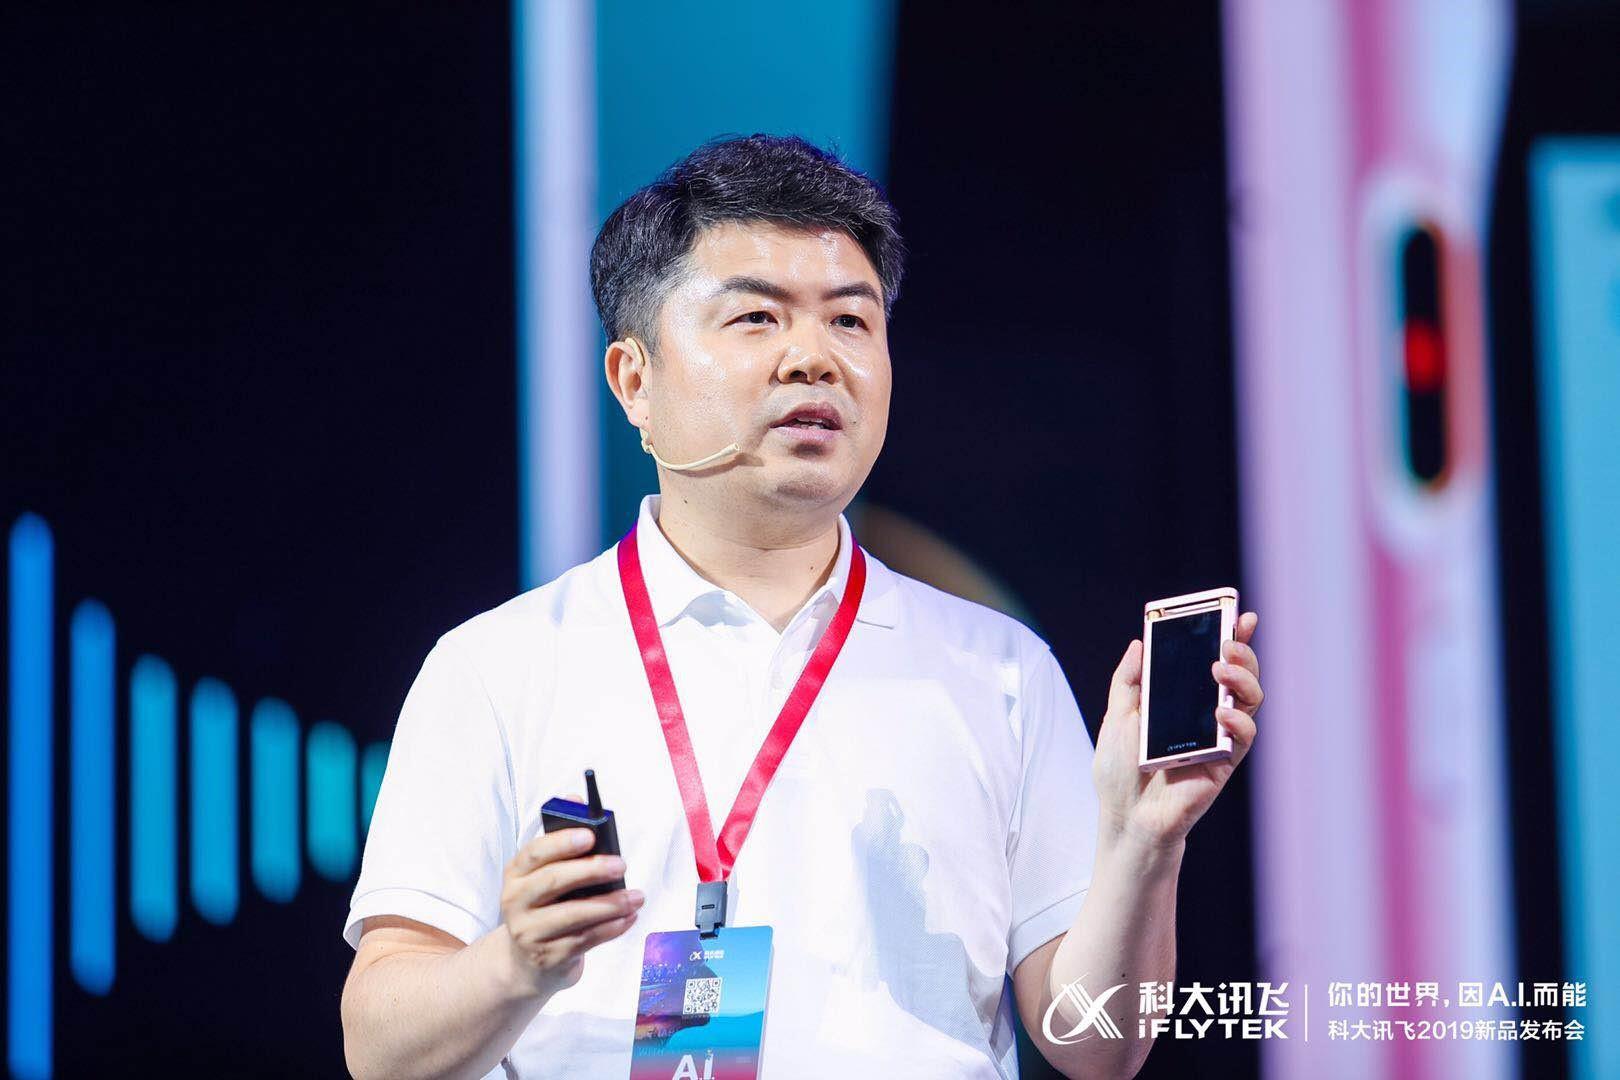 科大訊飛李傳剛:發力to C,做智能錄音筆的領導品牌